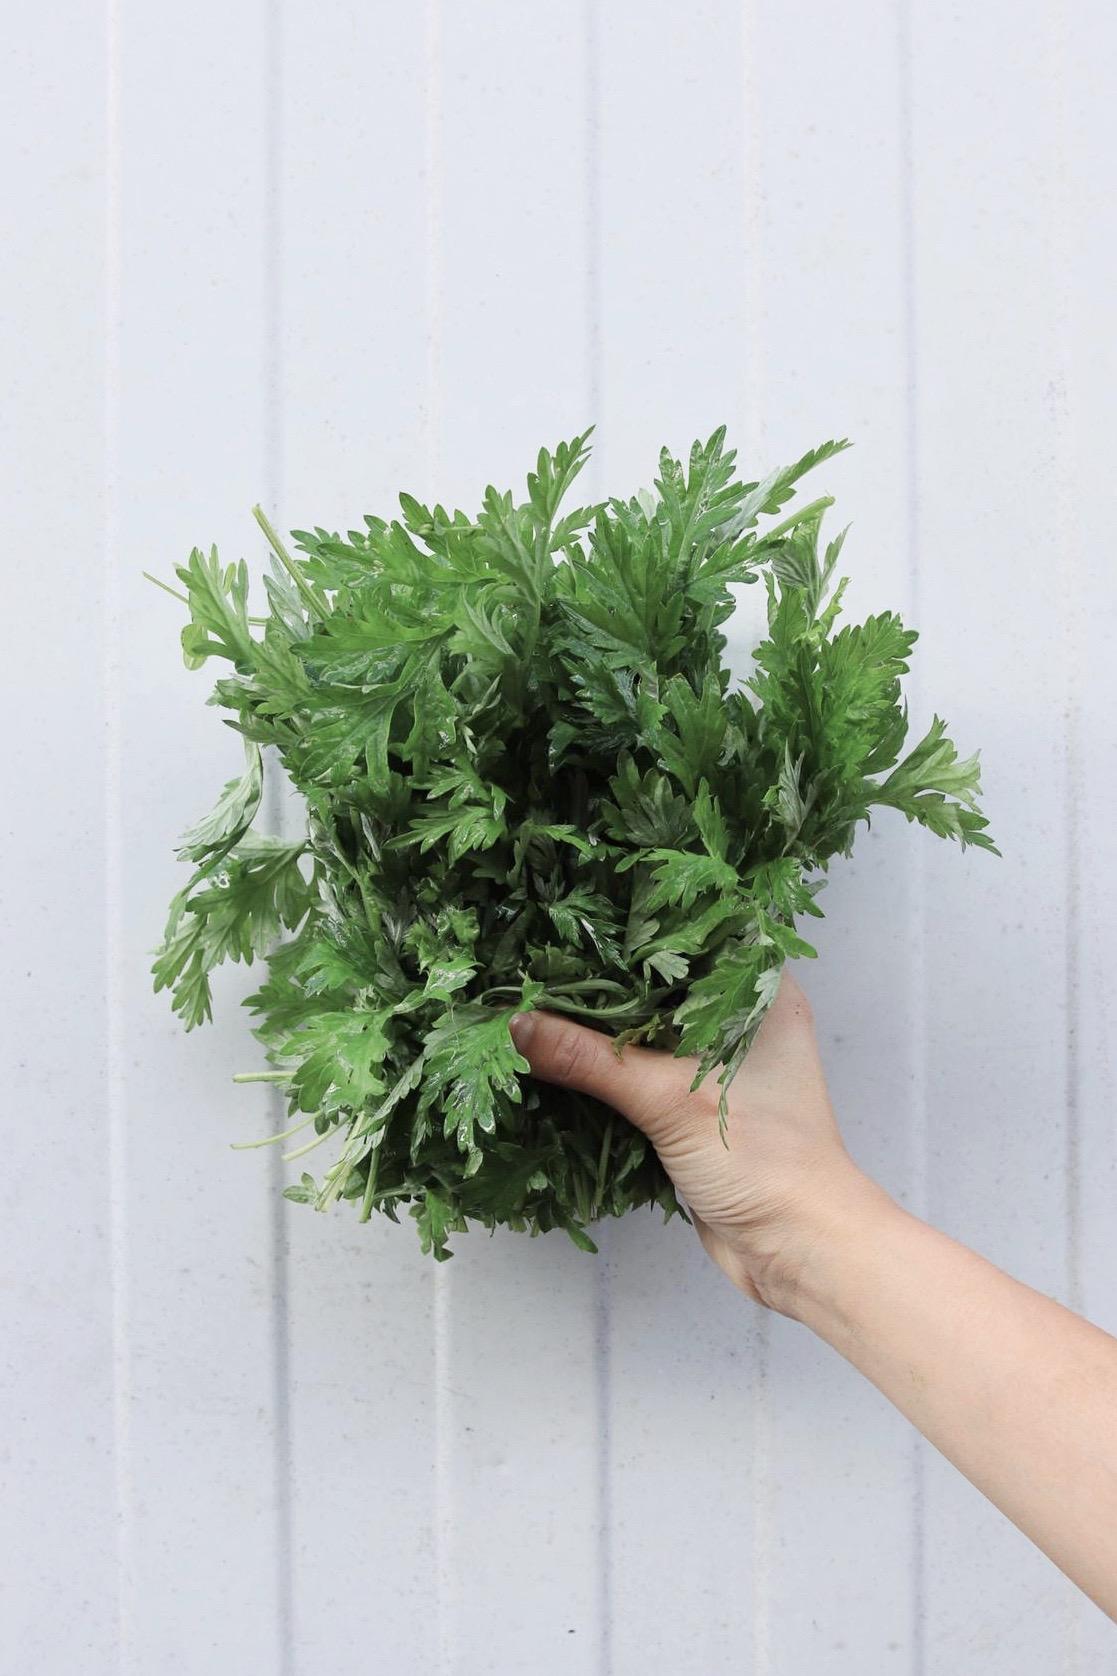 listy chryzantémy jedlé